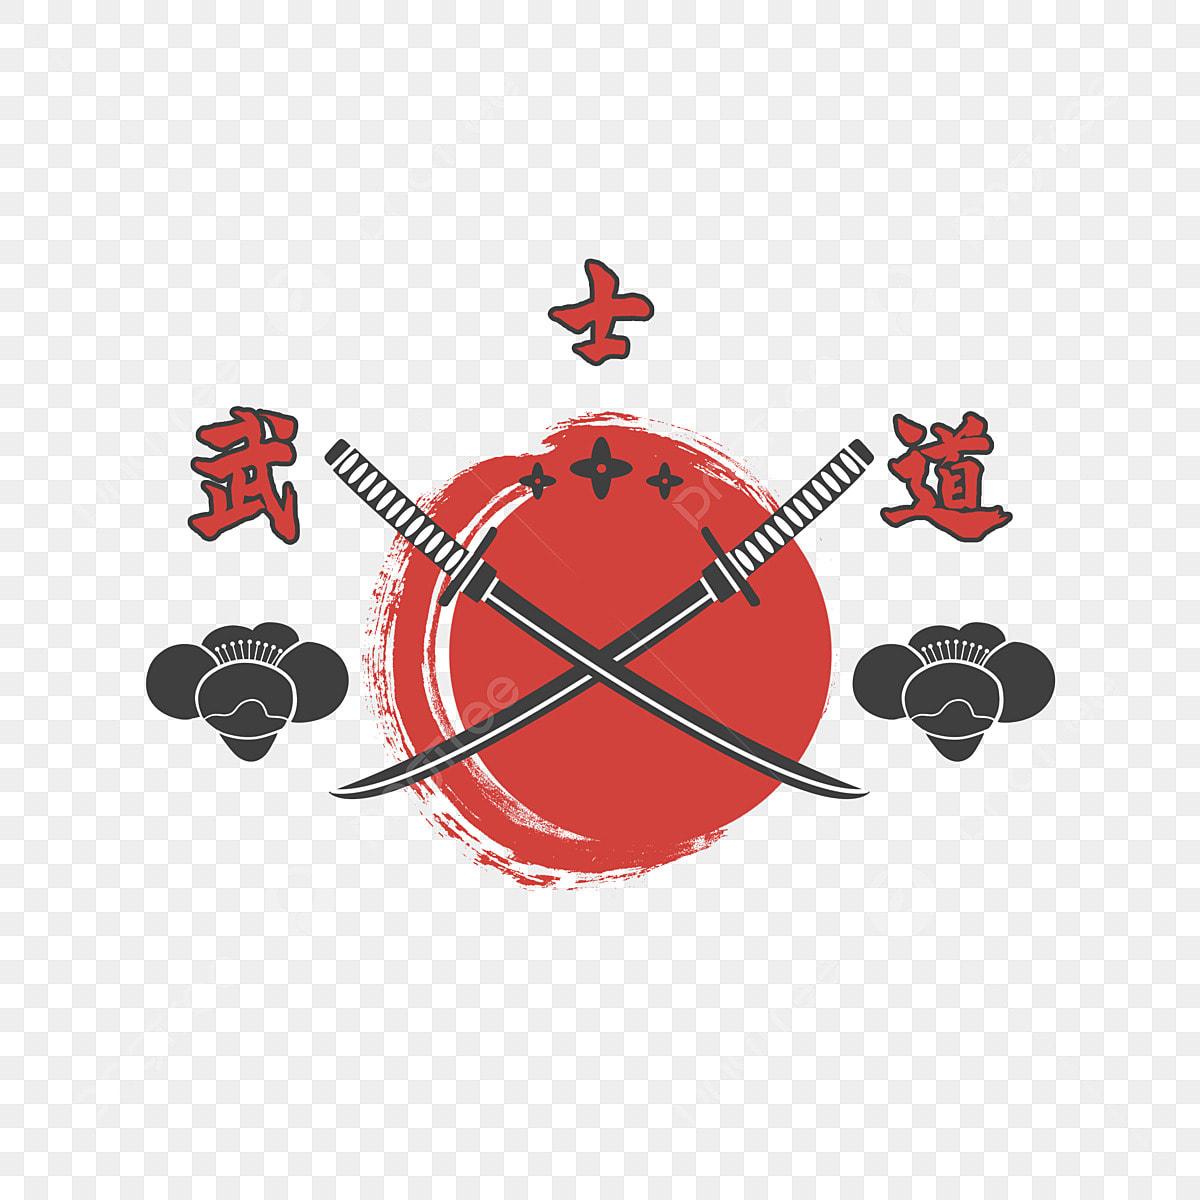 Fleur De Cerisier Japonais Png Images Vecteurs Et Fichiers Psd Telechargement Gratuit Sur Pngtree